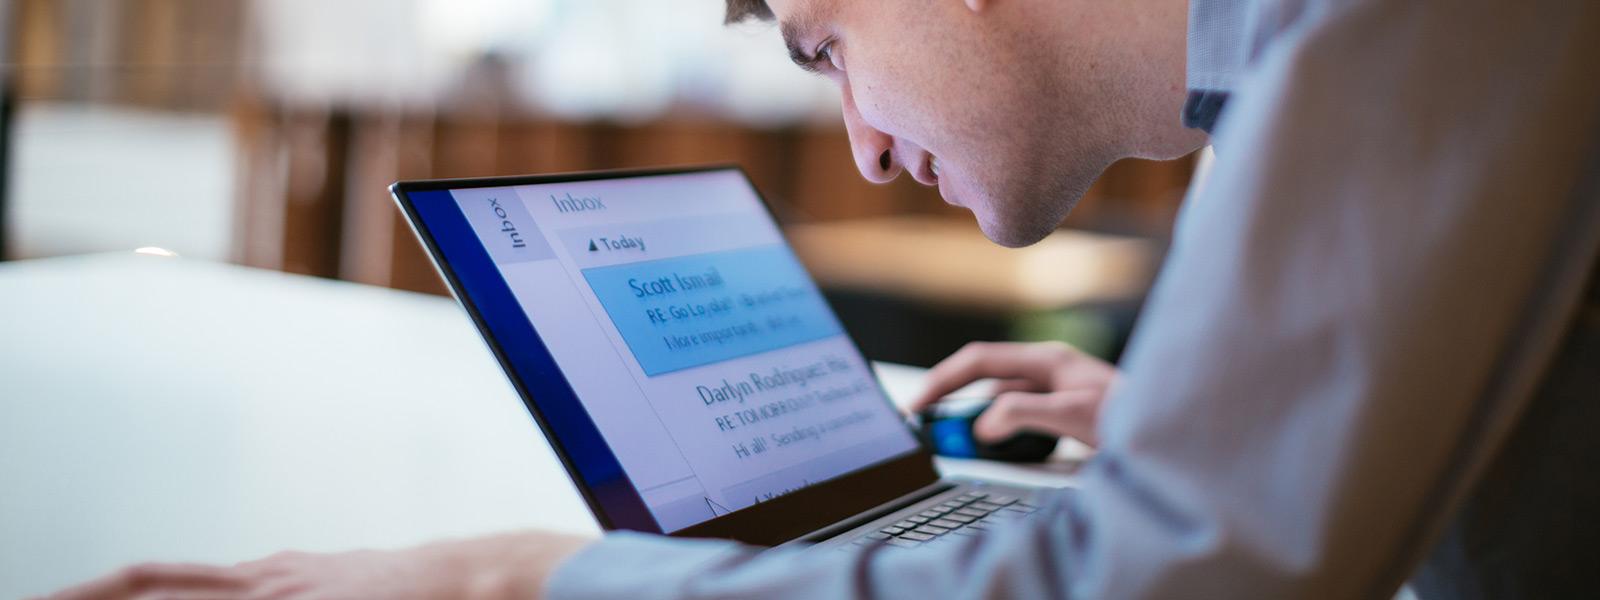 Um homem a trabalhar no seu computador Windows 10 com texto de grandes dimensões no ecrã, para uma leitura fácil